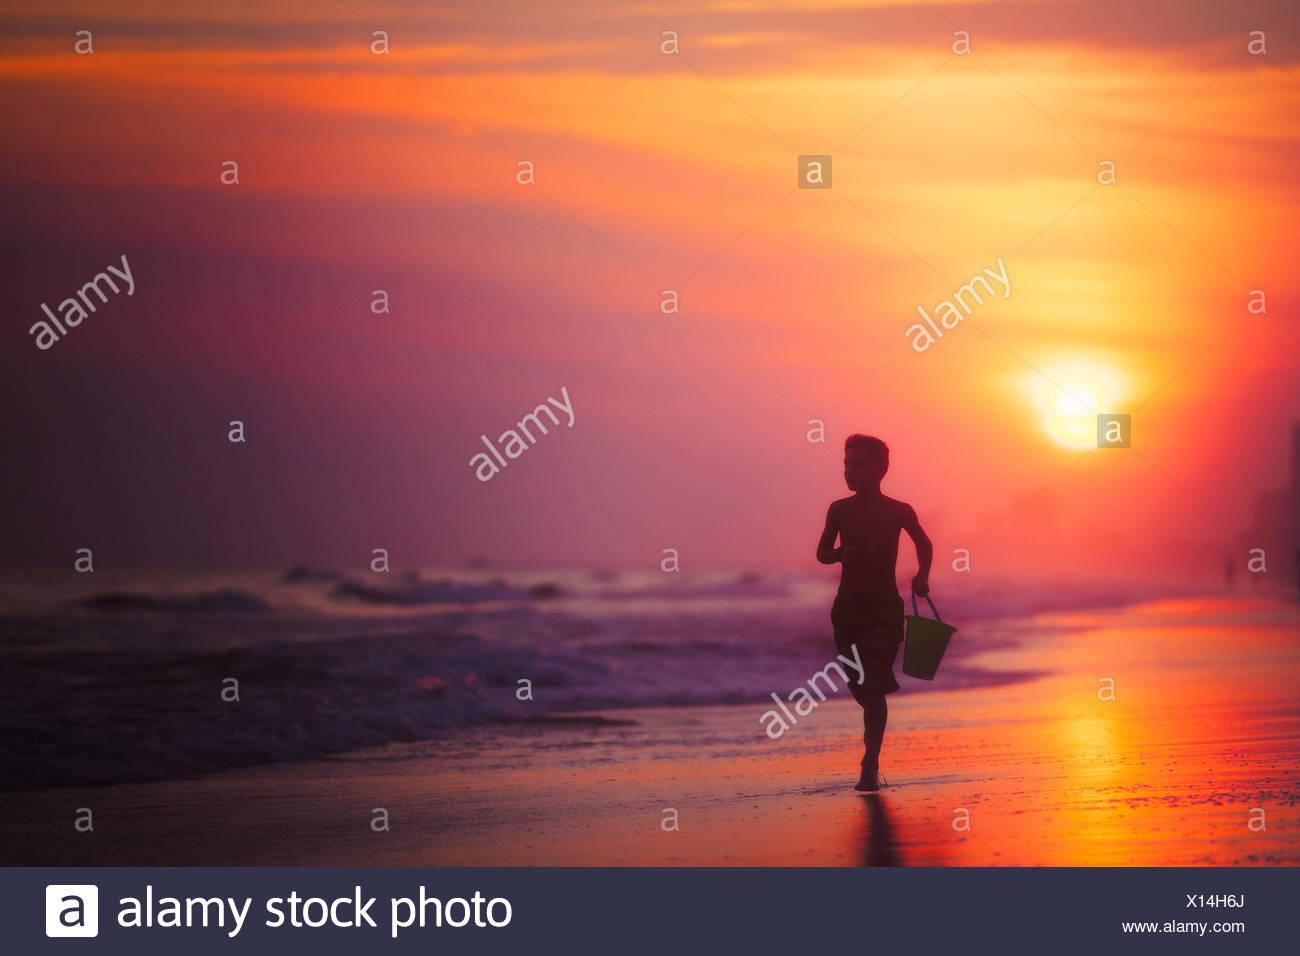 North myrtle beach sunset understand this